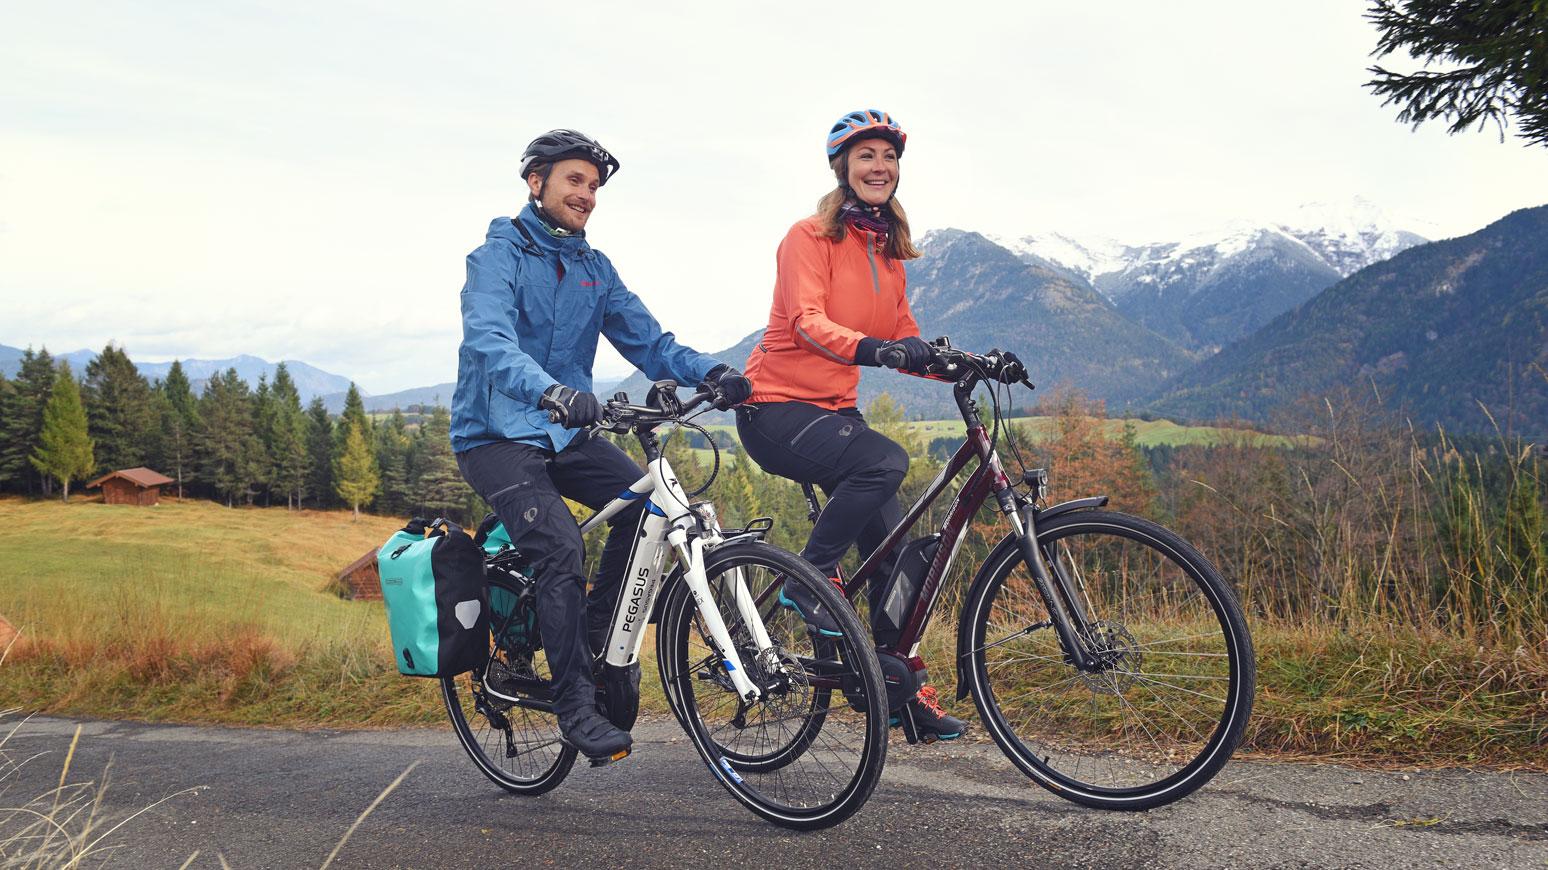 E-Bikes machen in bergigem Terrain besonders viel Spaß